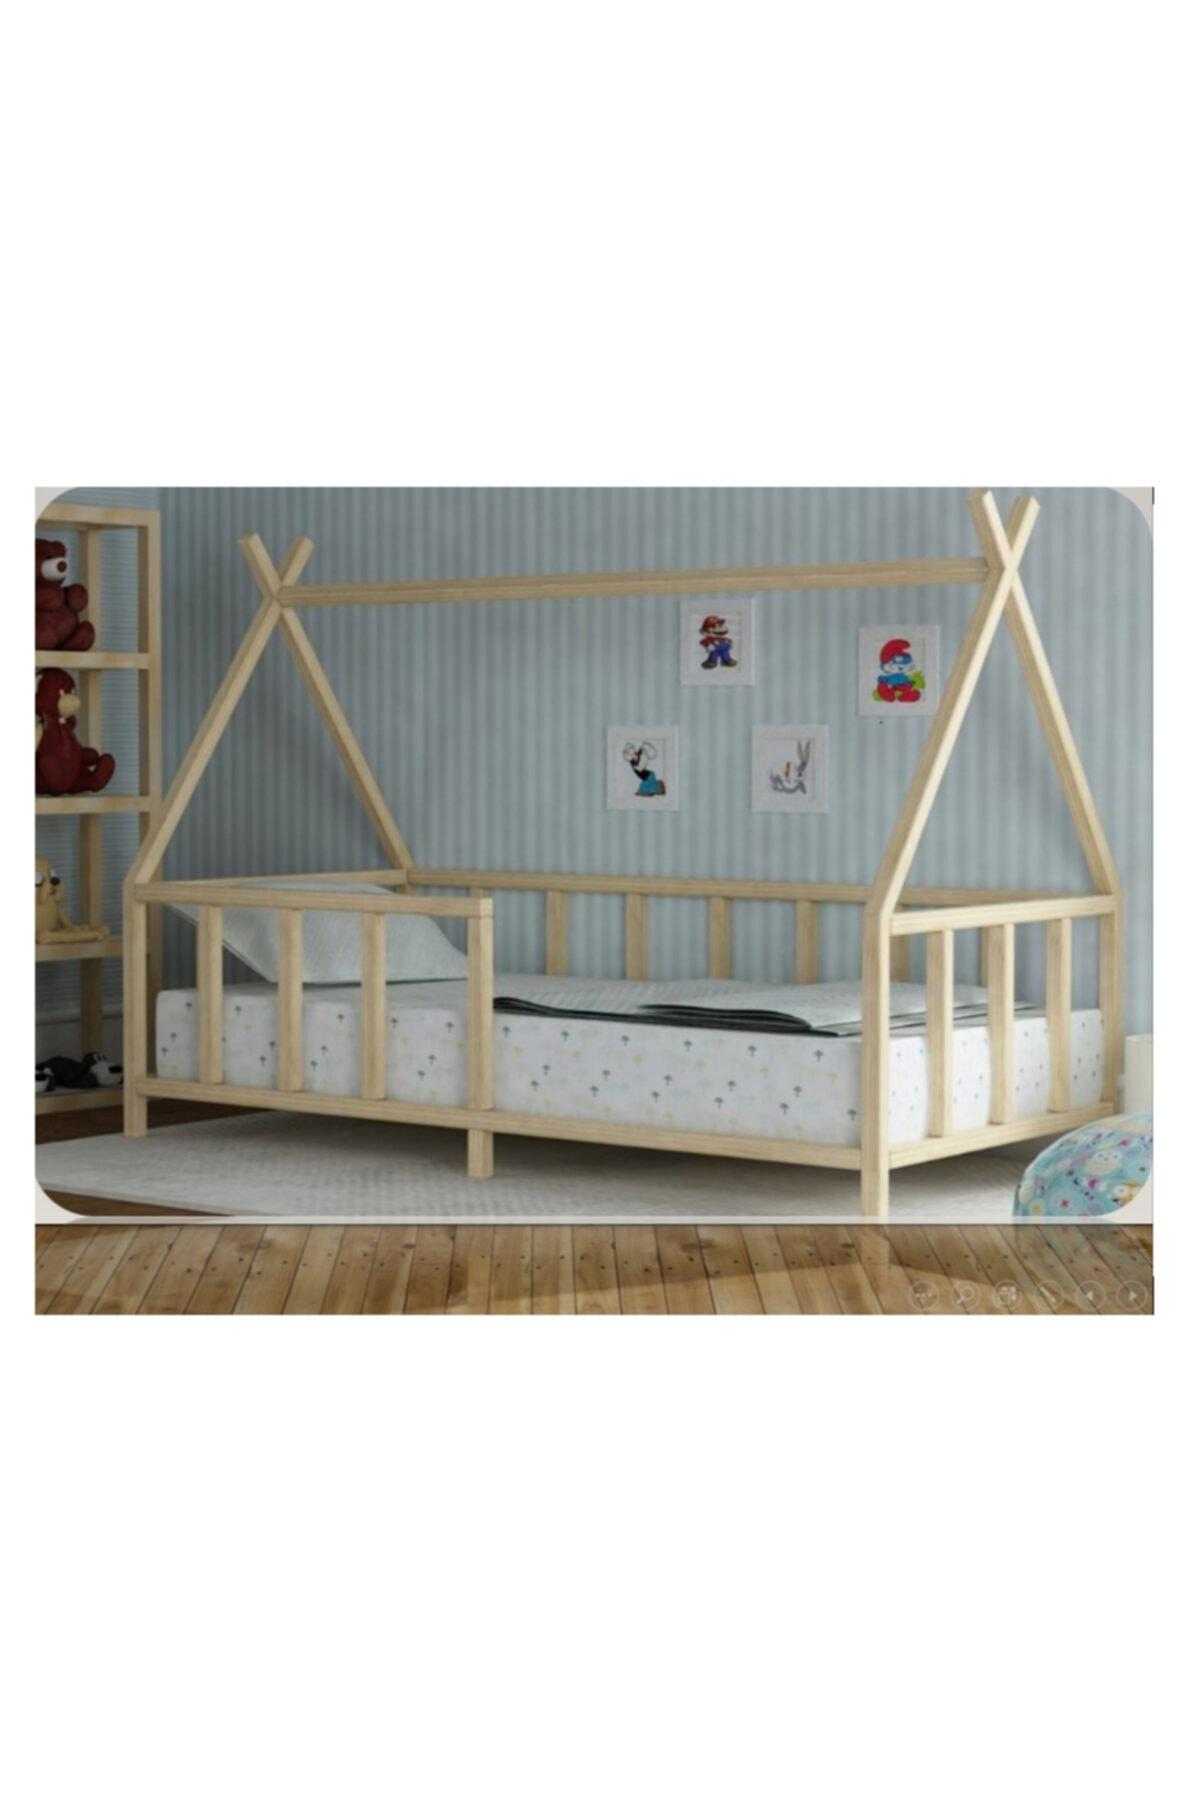 Baby Kinder Kızıldereli Doğal Montessori Bebek Çocuk Karyolası 1